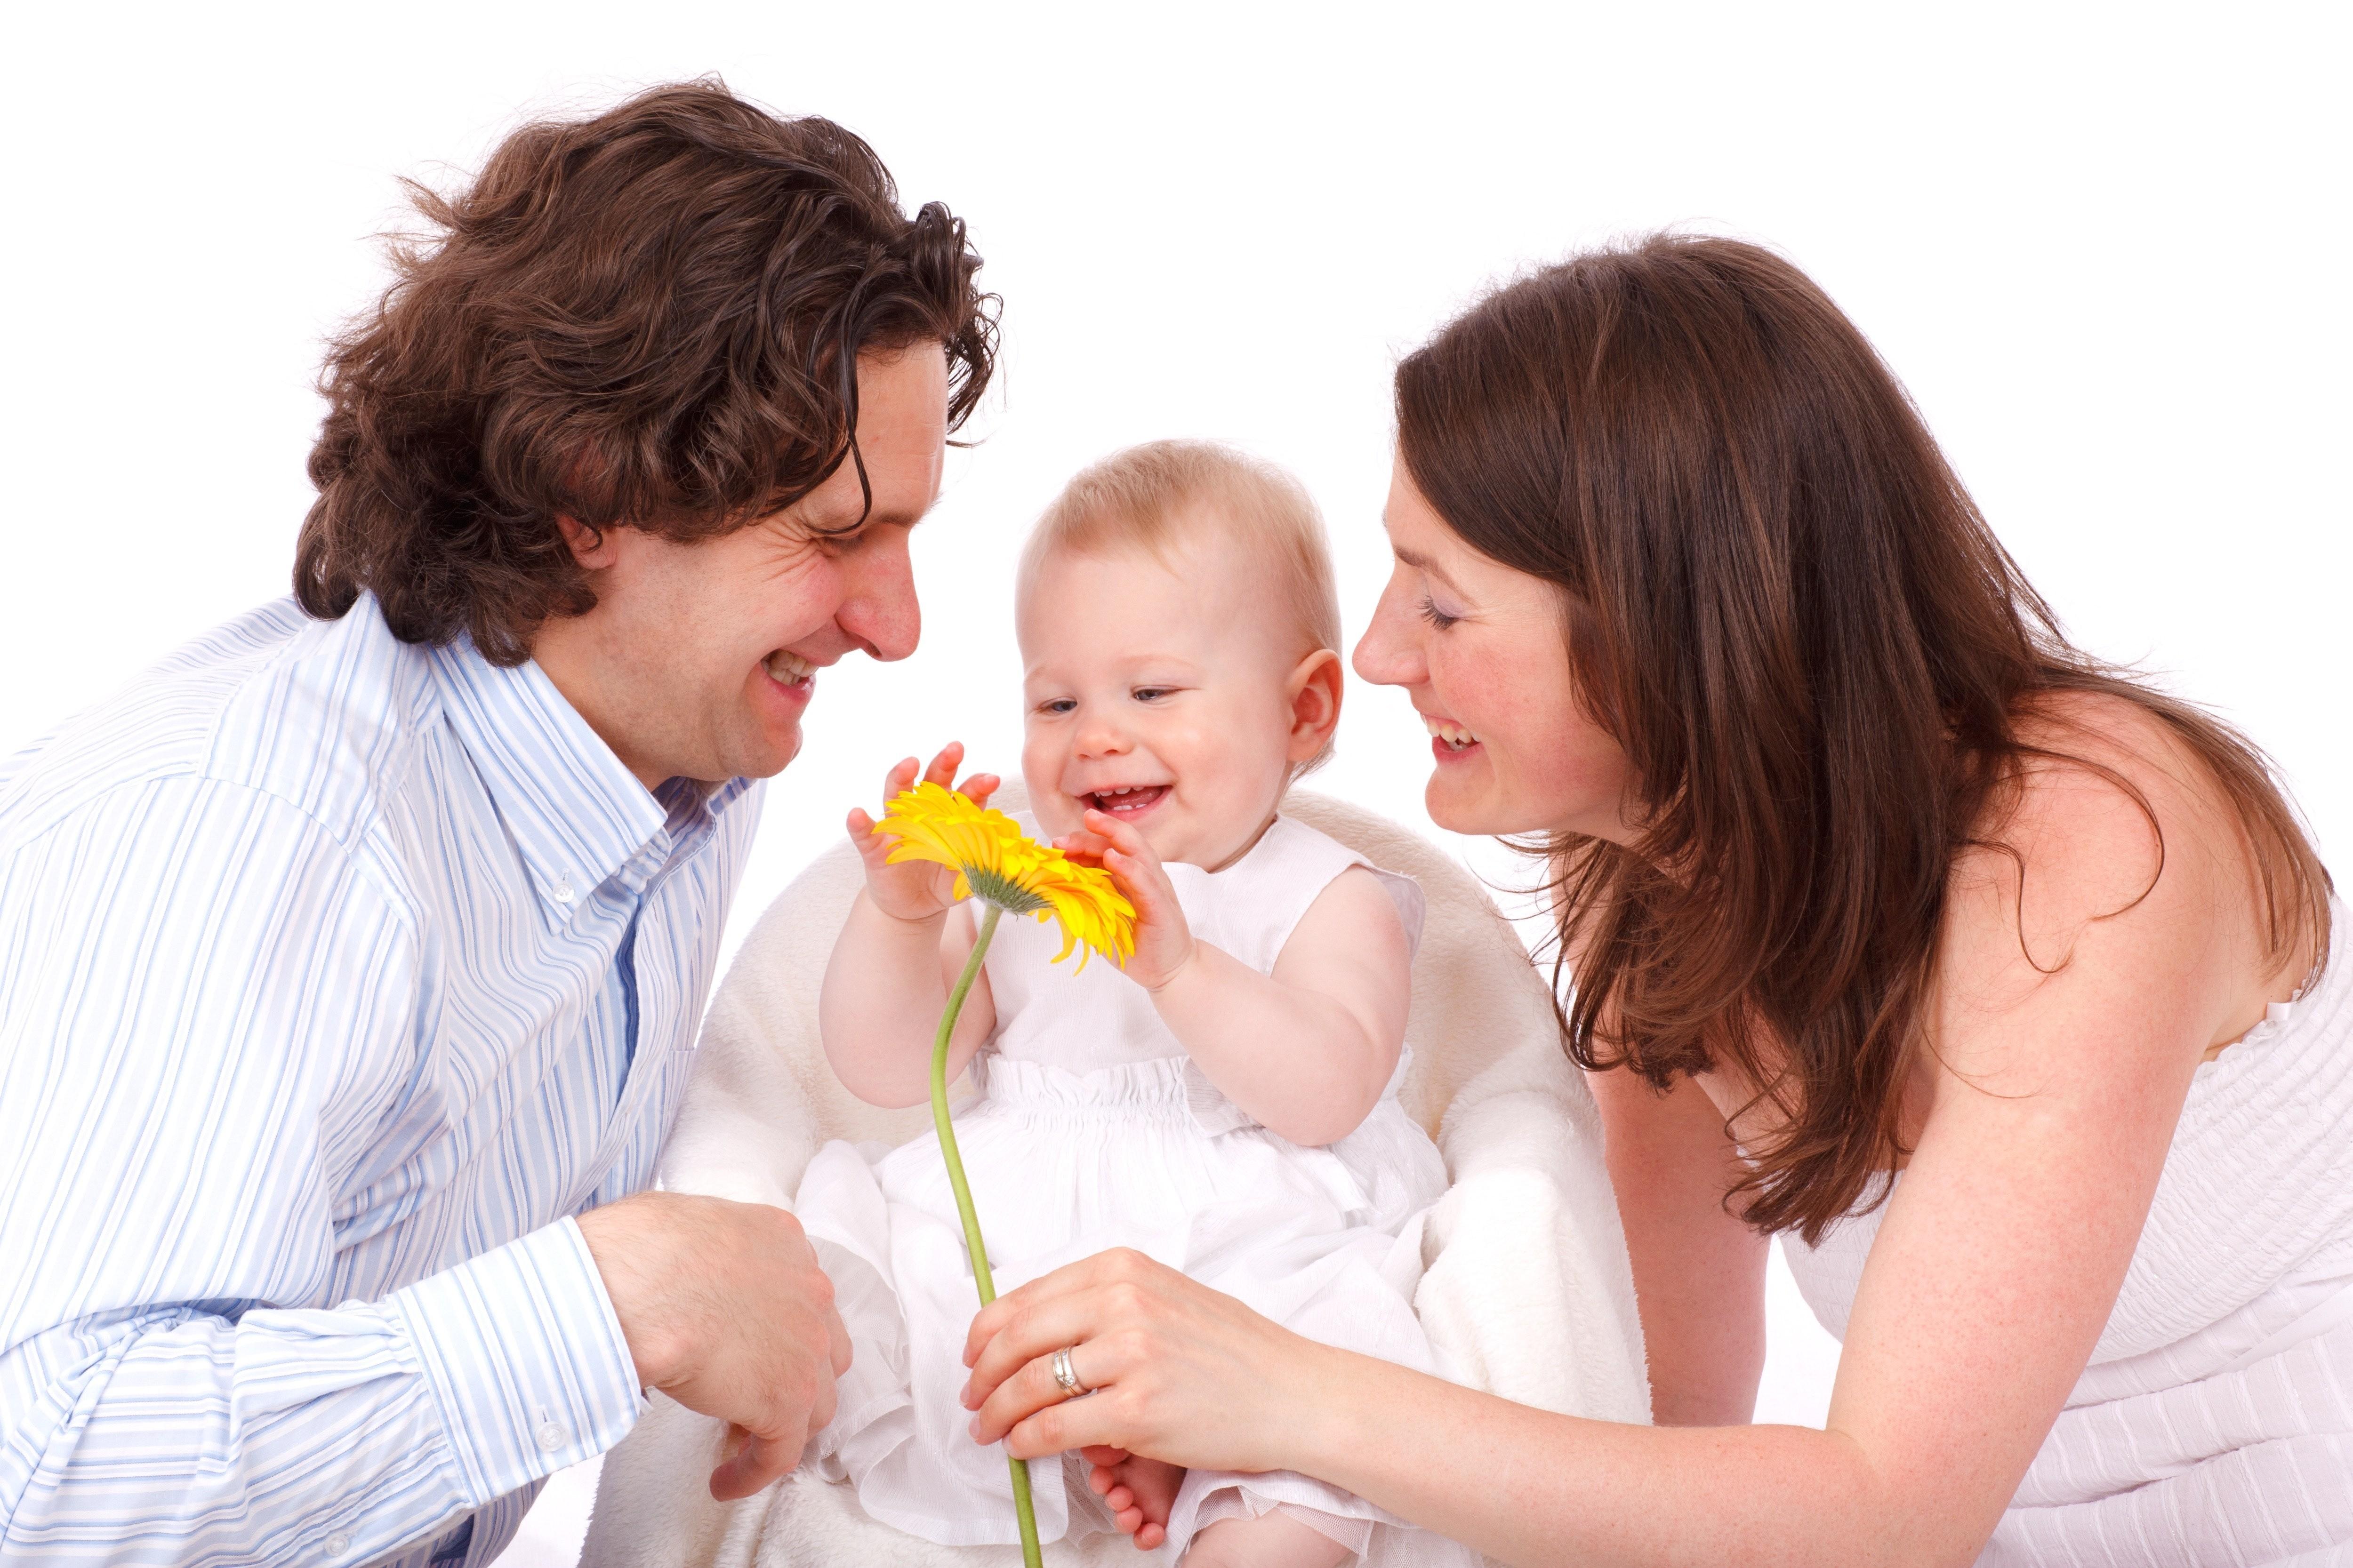 Он говорит о семье и детях после пары свиданий: почему это плохо